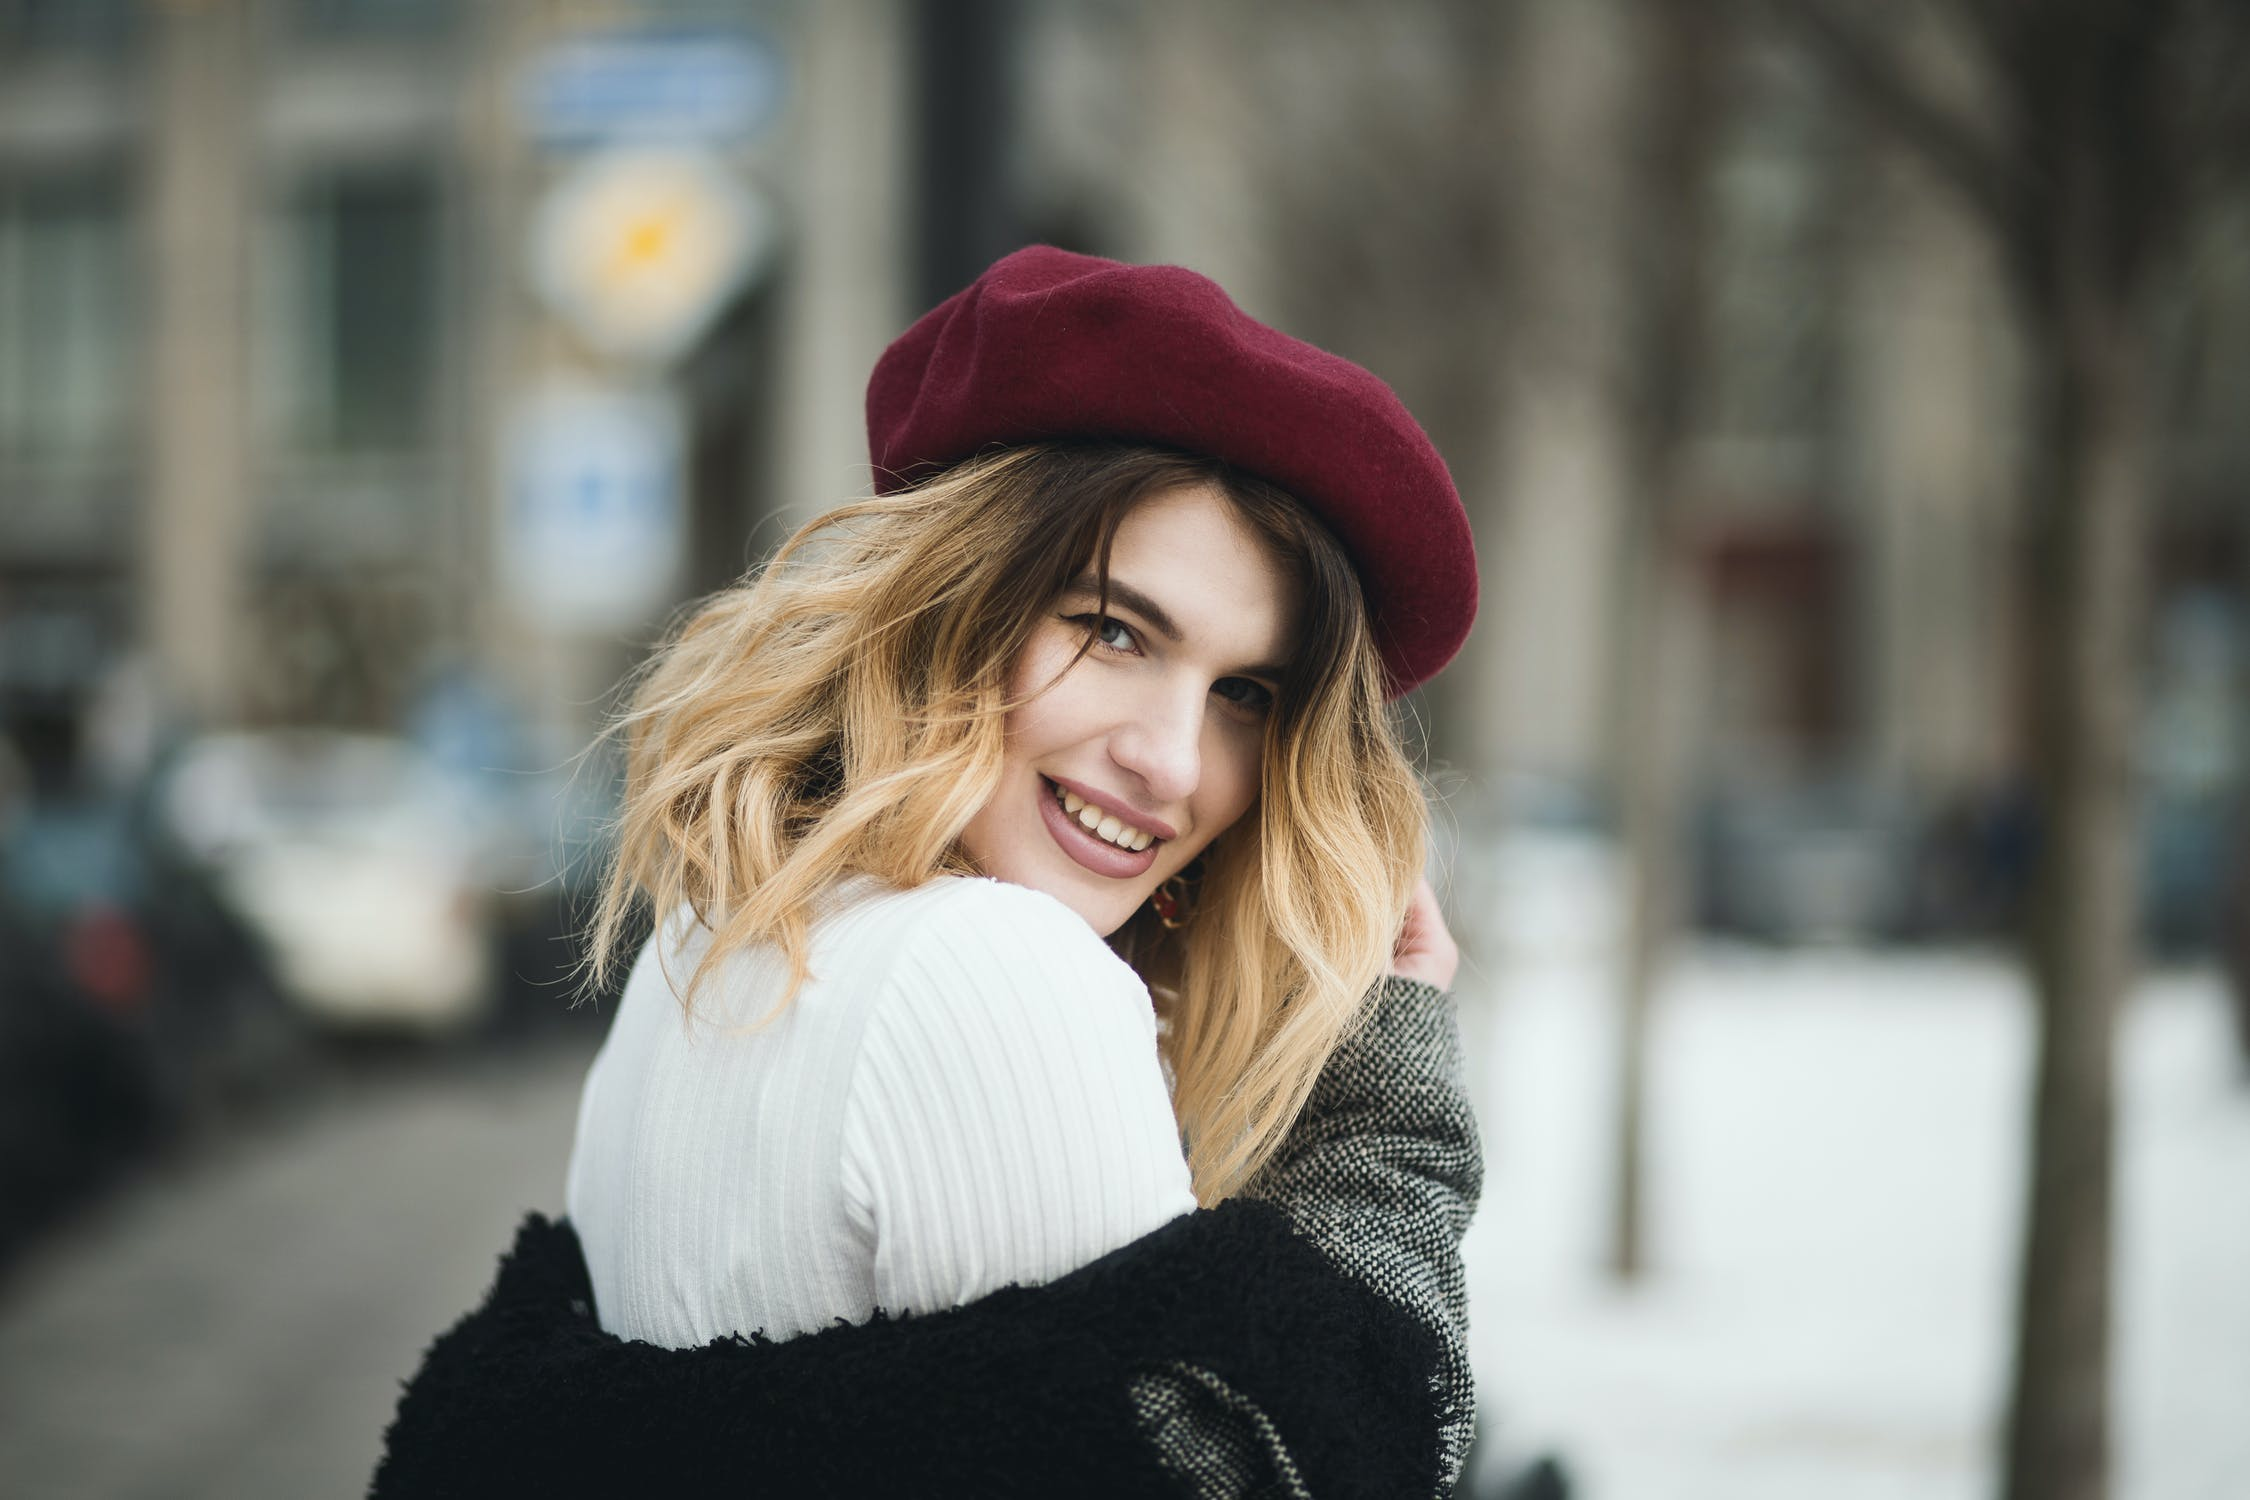 Leggings in inverno: come abbinarli? I migliori outfit